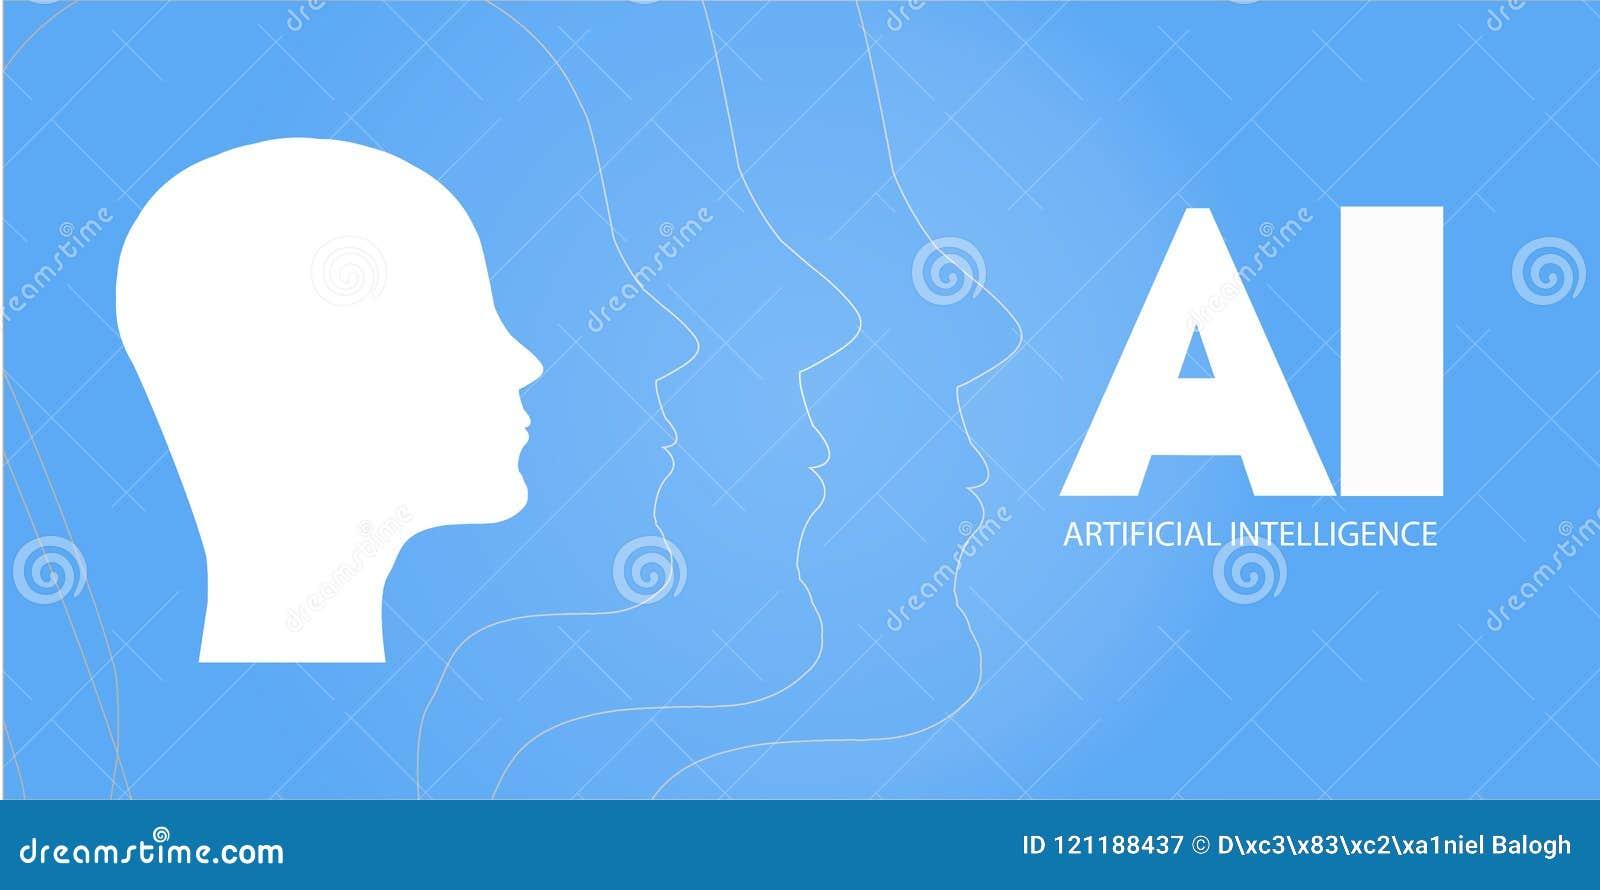 AI, inteligencia artificial, profundamente aprendizaje y diseño de concepto futuro de la tecnología - ejemplo del vector AI - Int